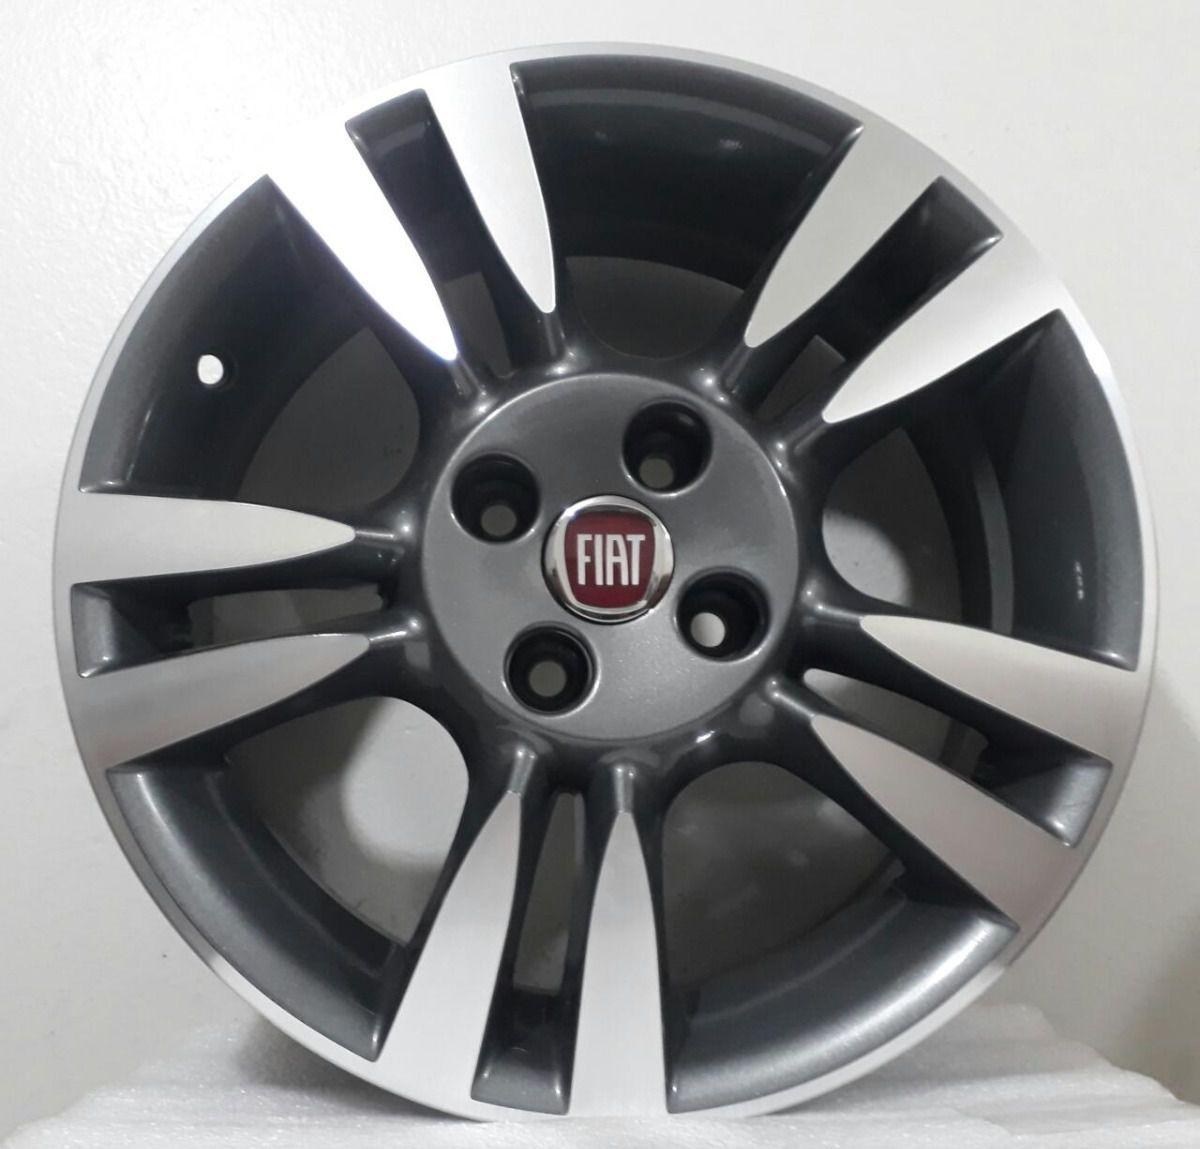 Rodas Fiat Punto T-jet KR R61 aro 15 4X98 Jogo